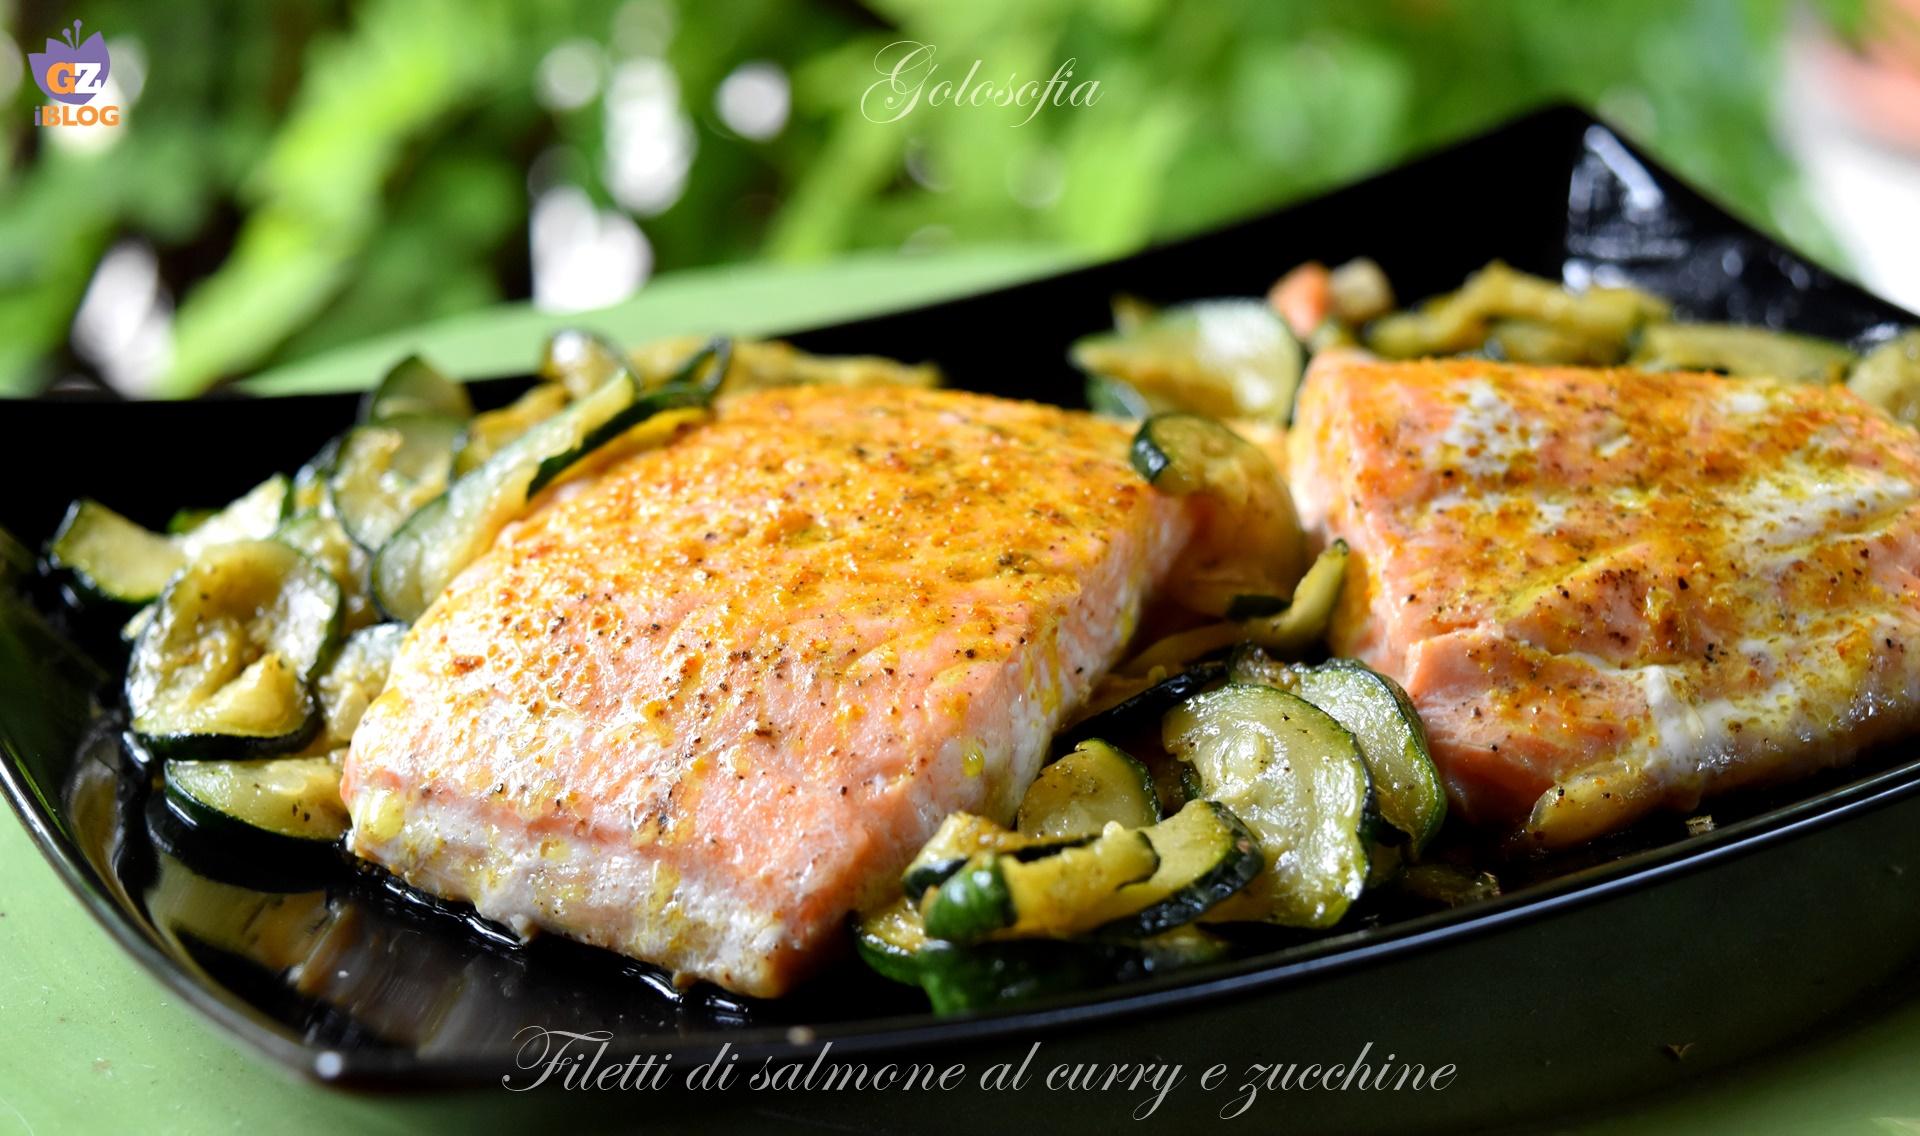 Filetti di salmone al curry e zucchine, ricetta veloce buonissima